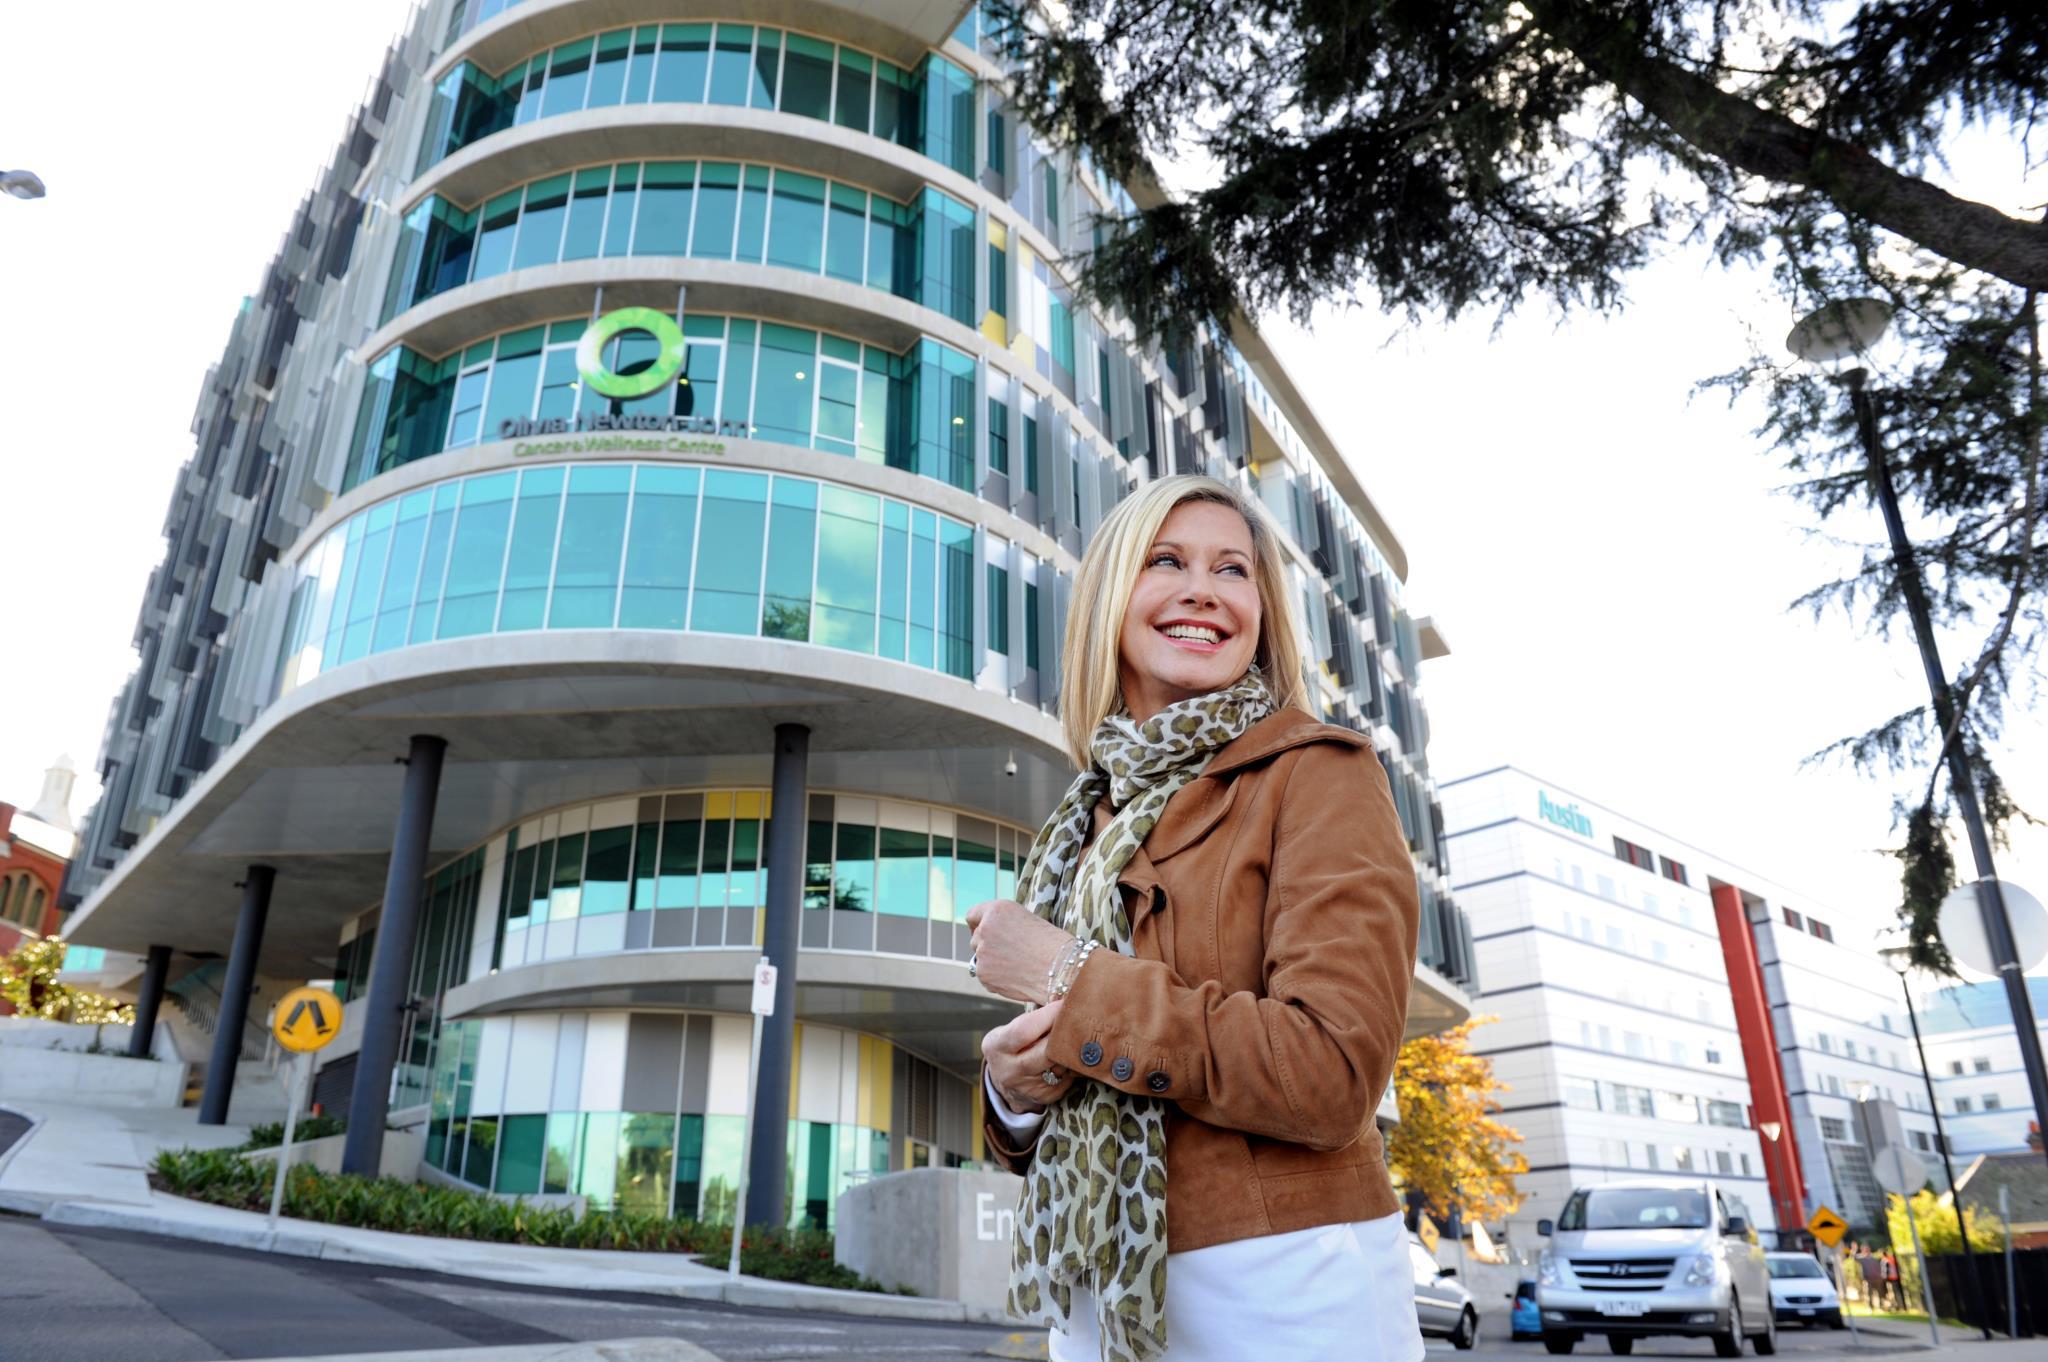 Olivia Newton-John Outside Cancer Center